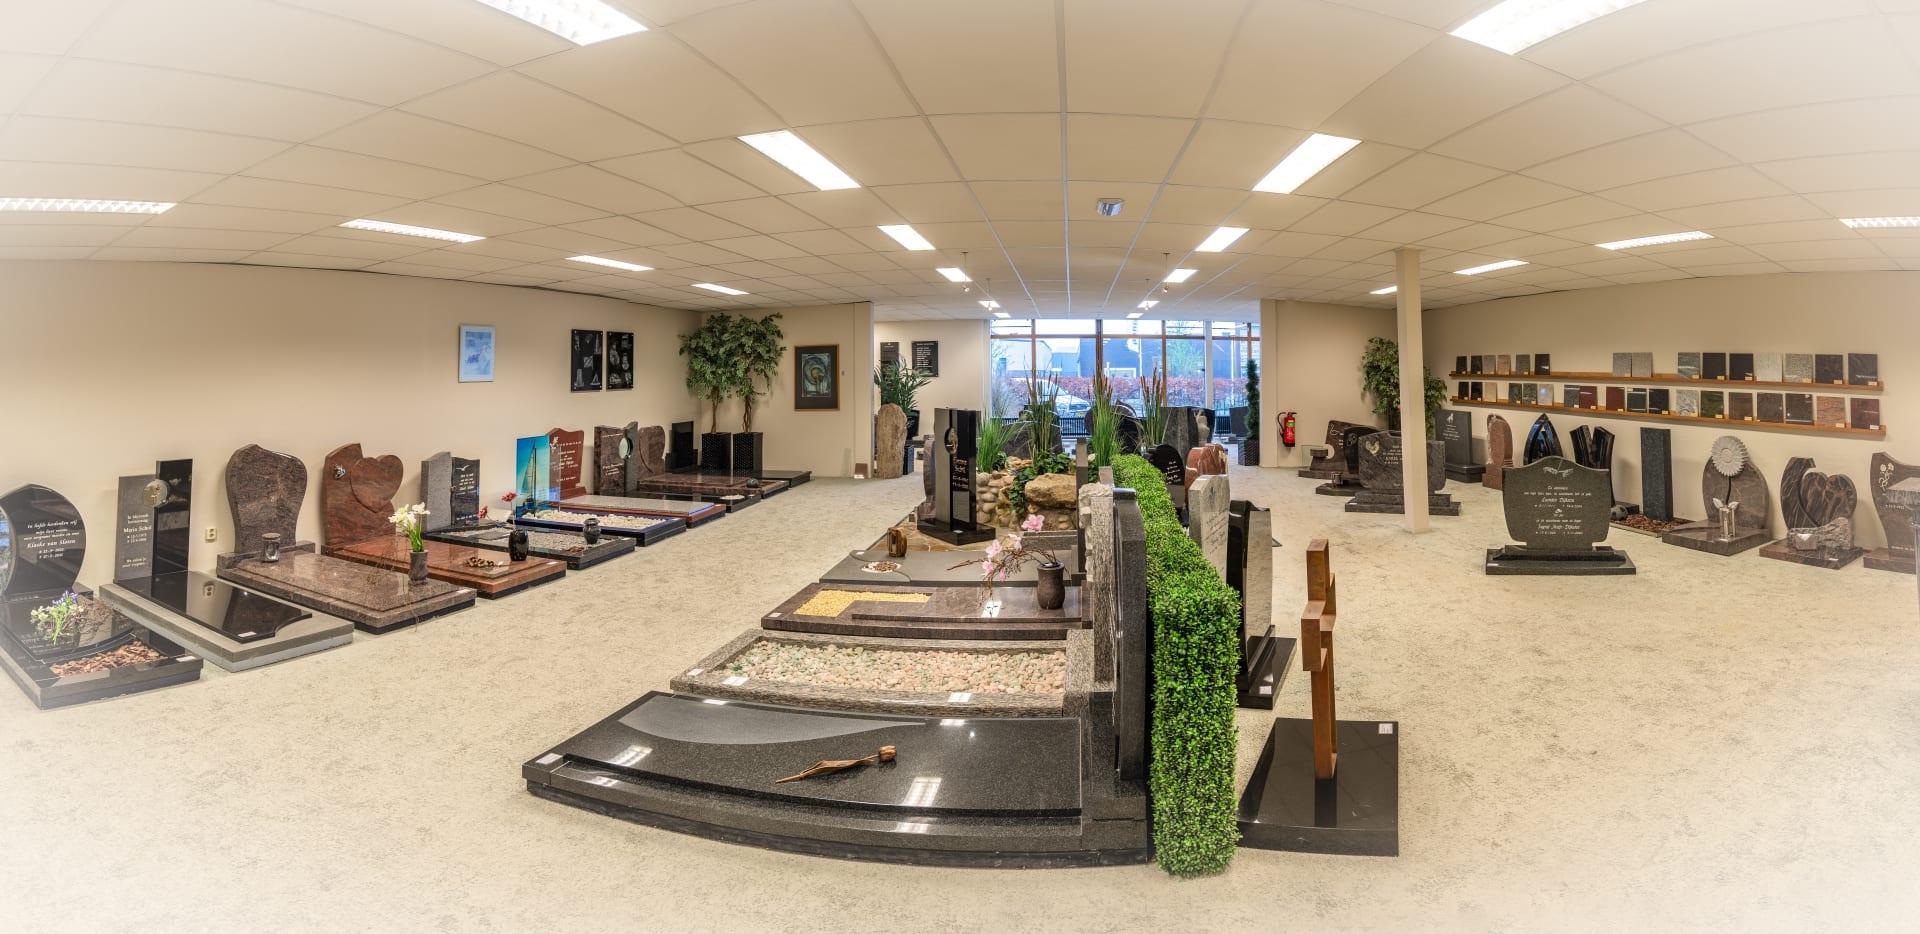 Grote zaal met veel verschillende grafmonumenten